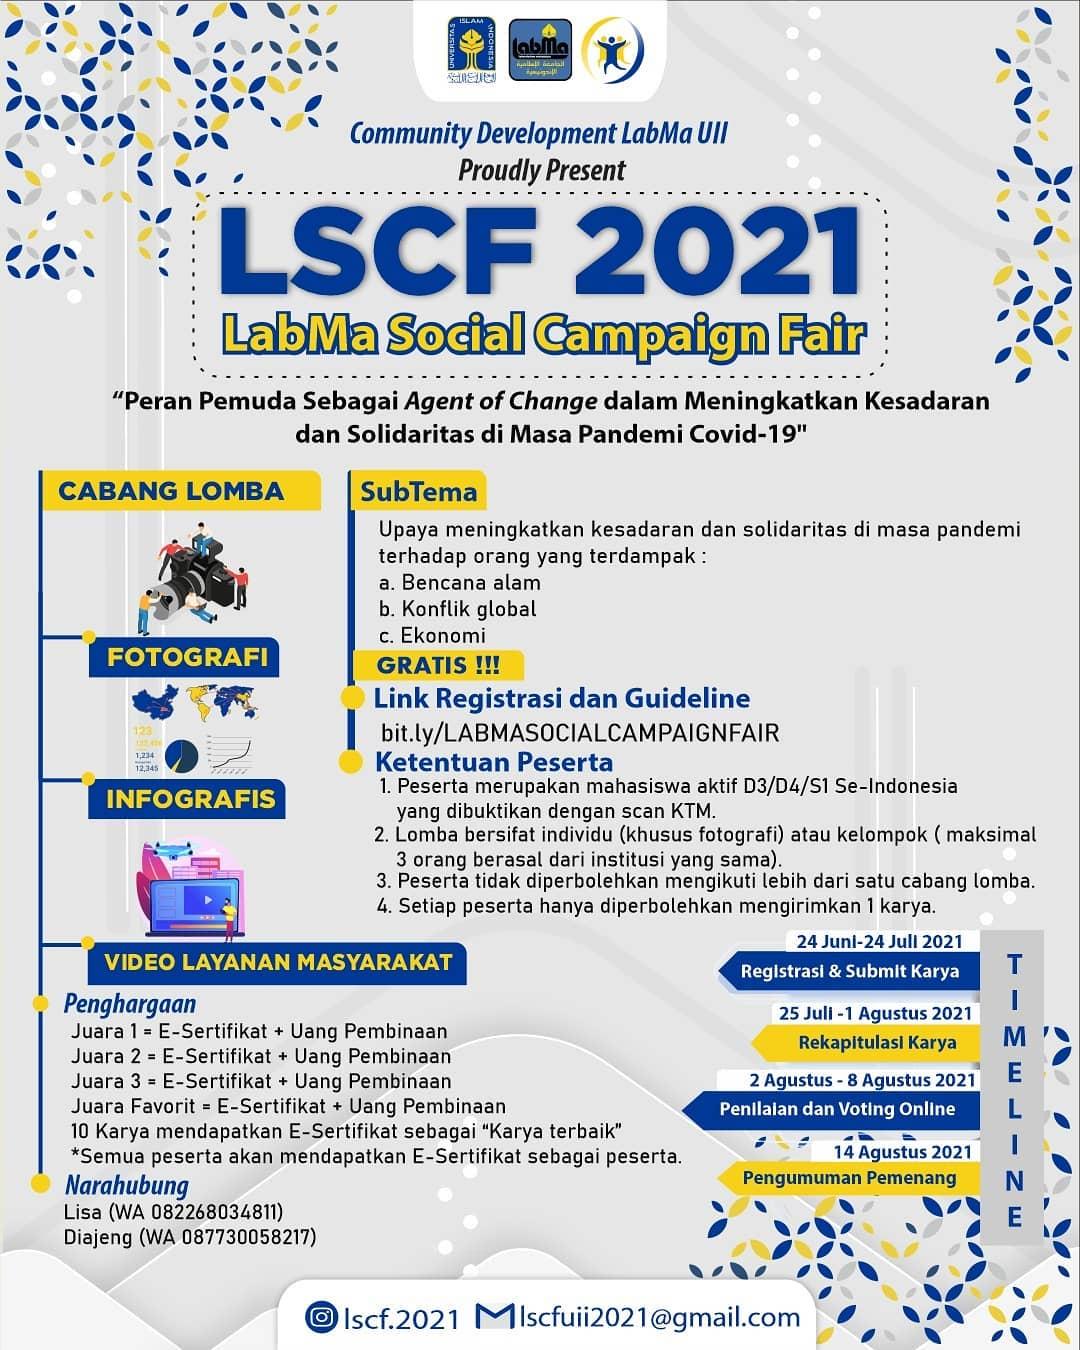 LSCF 2021 LabMa Social Campaign Fair Lomba Fotografi oleh Laboratorium Mahasiswa UII